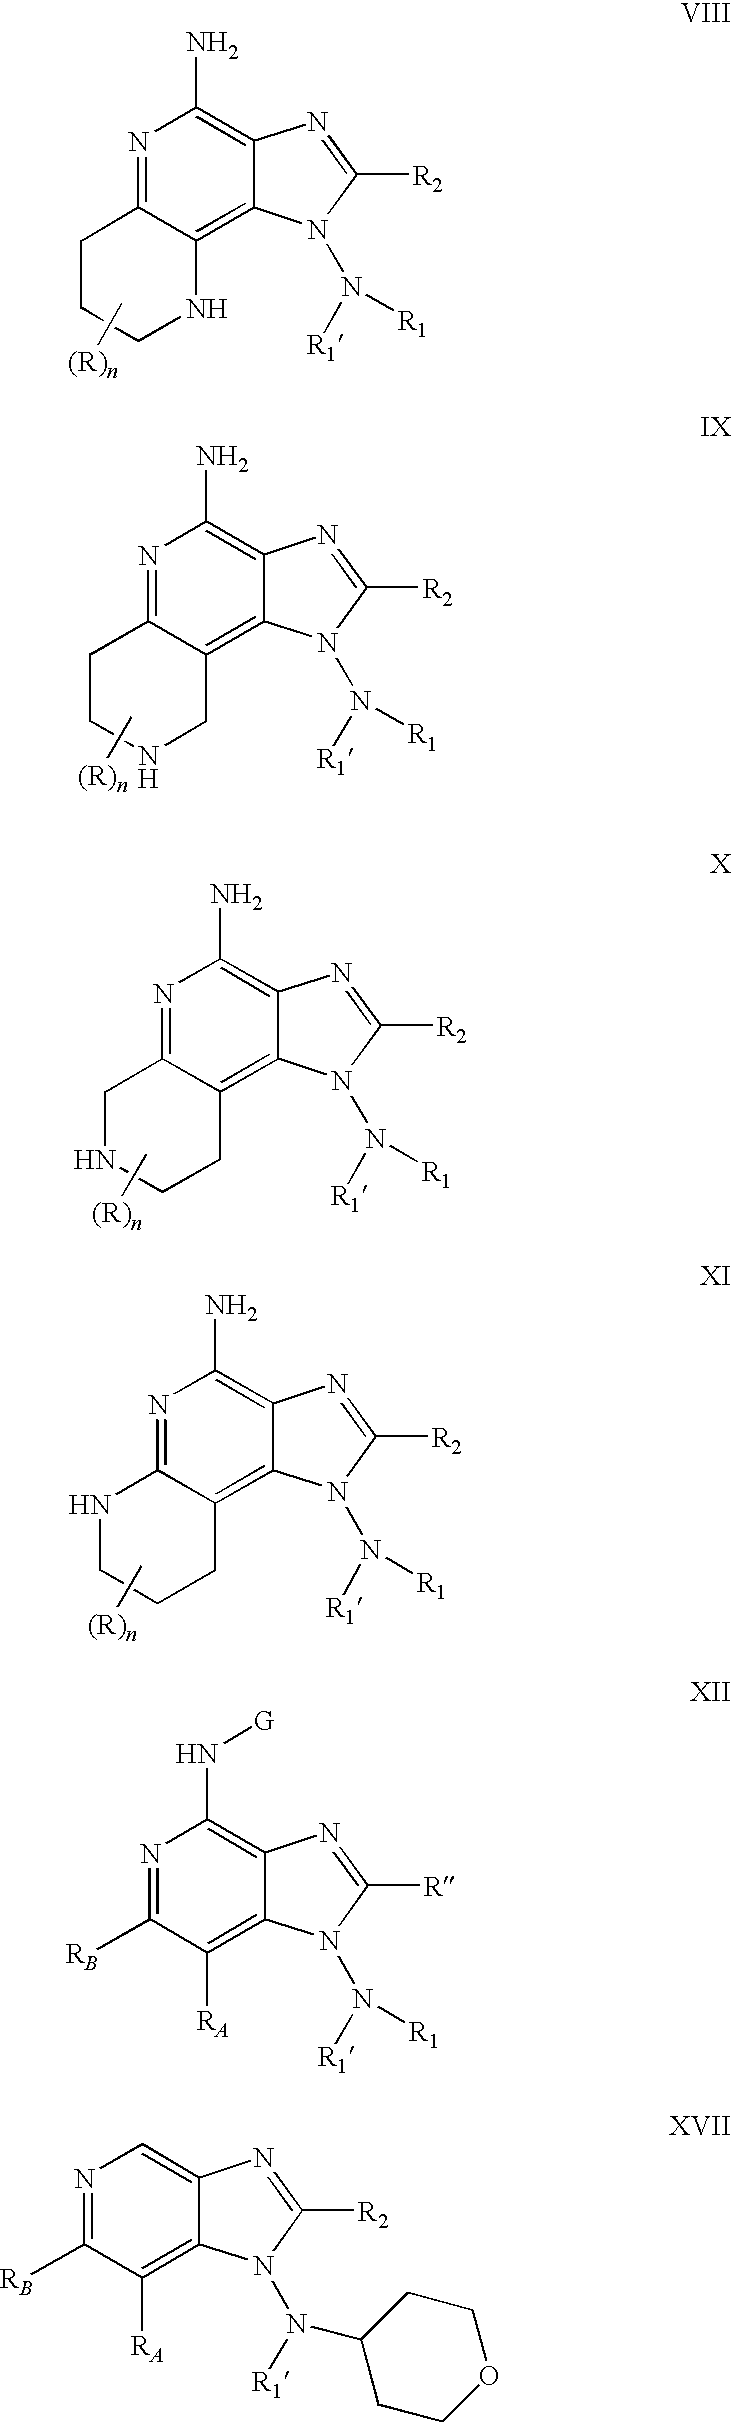 Figure US20090270443A1-20091029-C00006